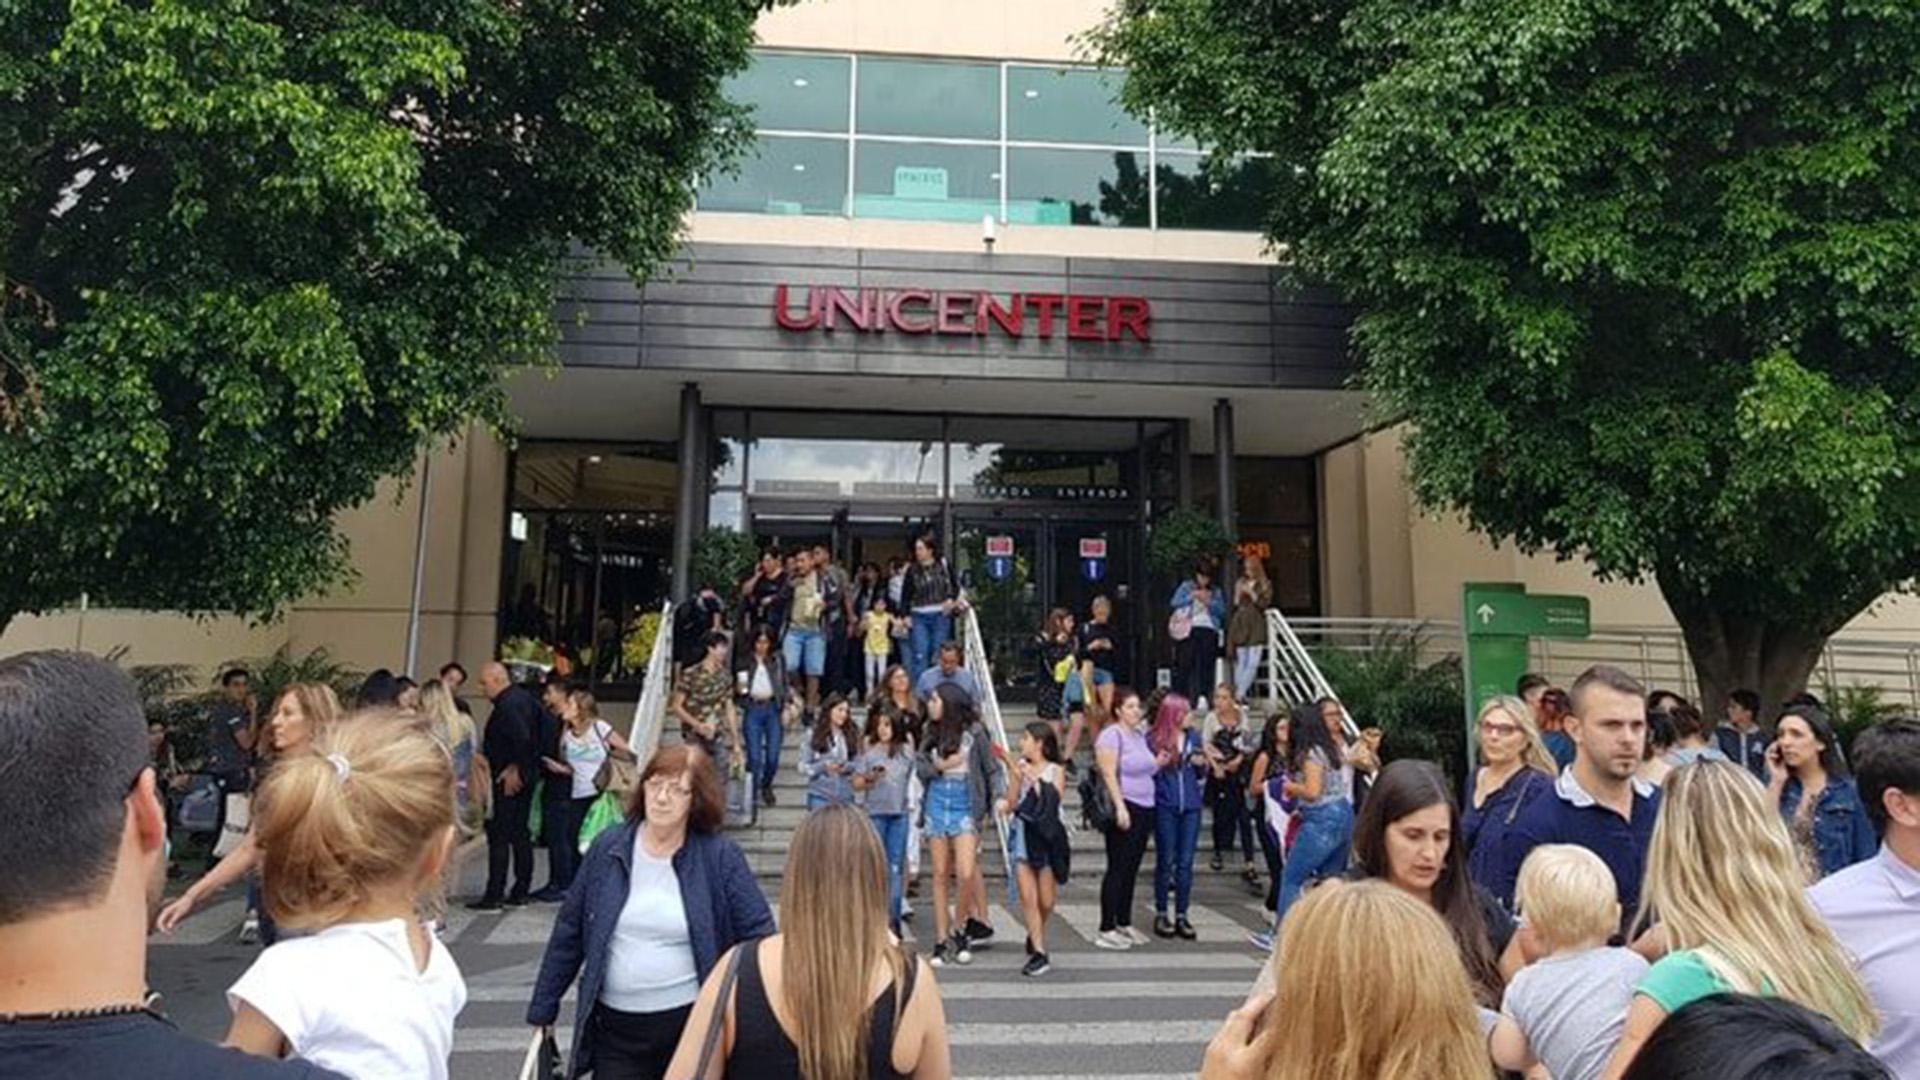 Una de las evacuaciones de Unicenter (@SiquierVera)